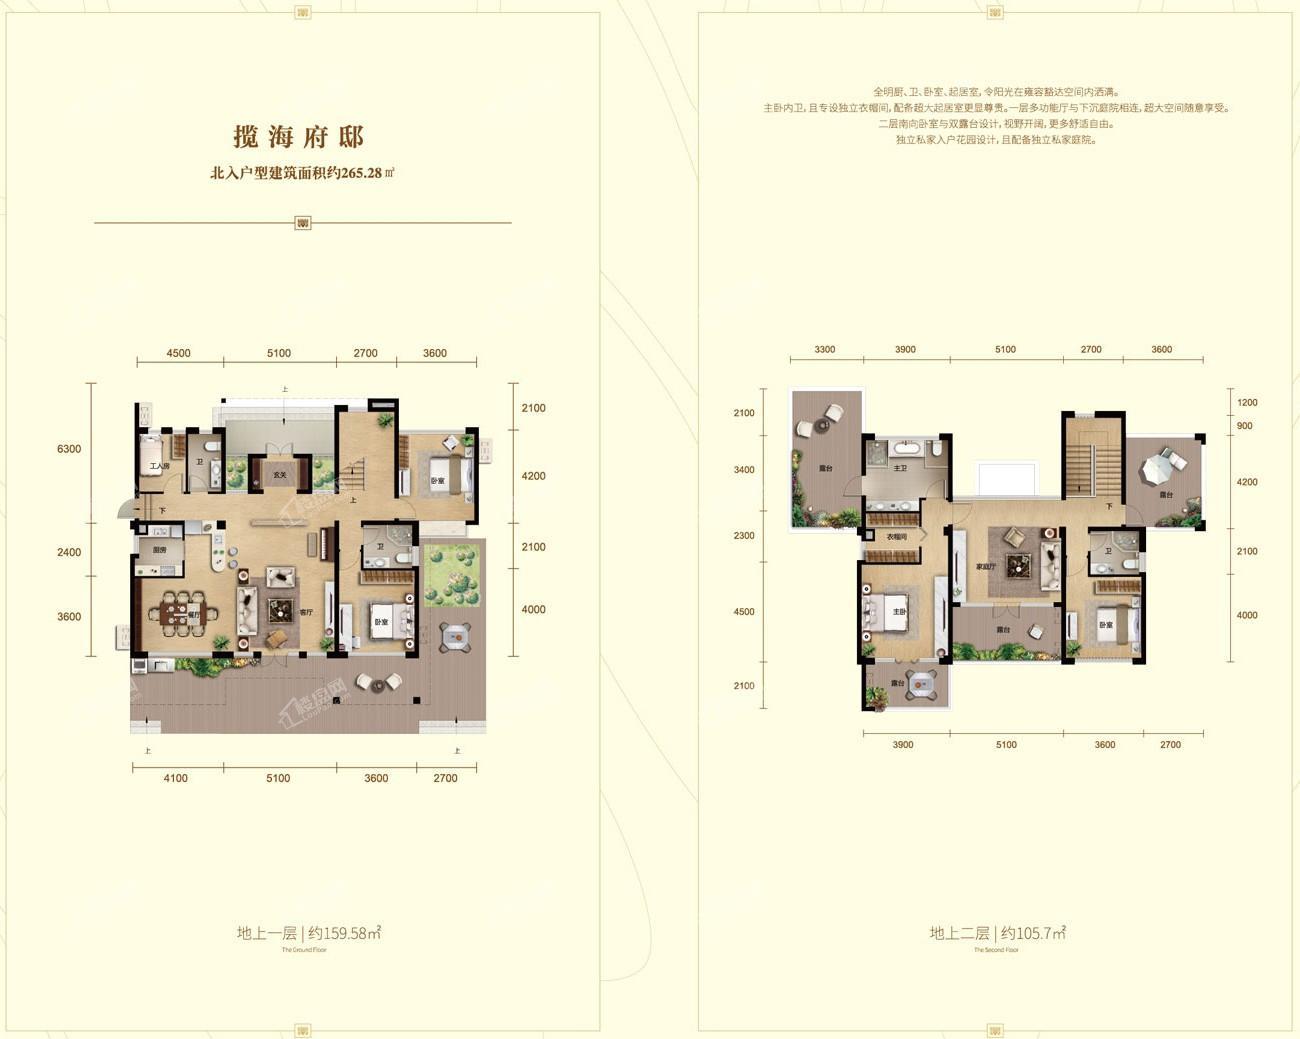 中信国安北海第一城第二块地联排别墅户型1